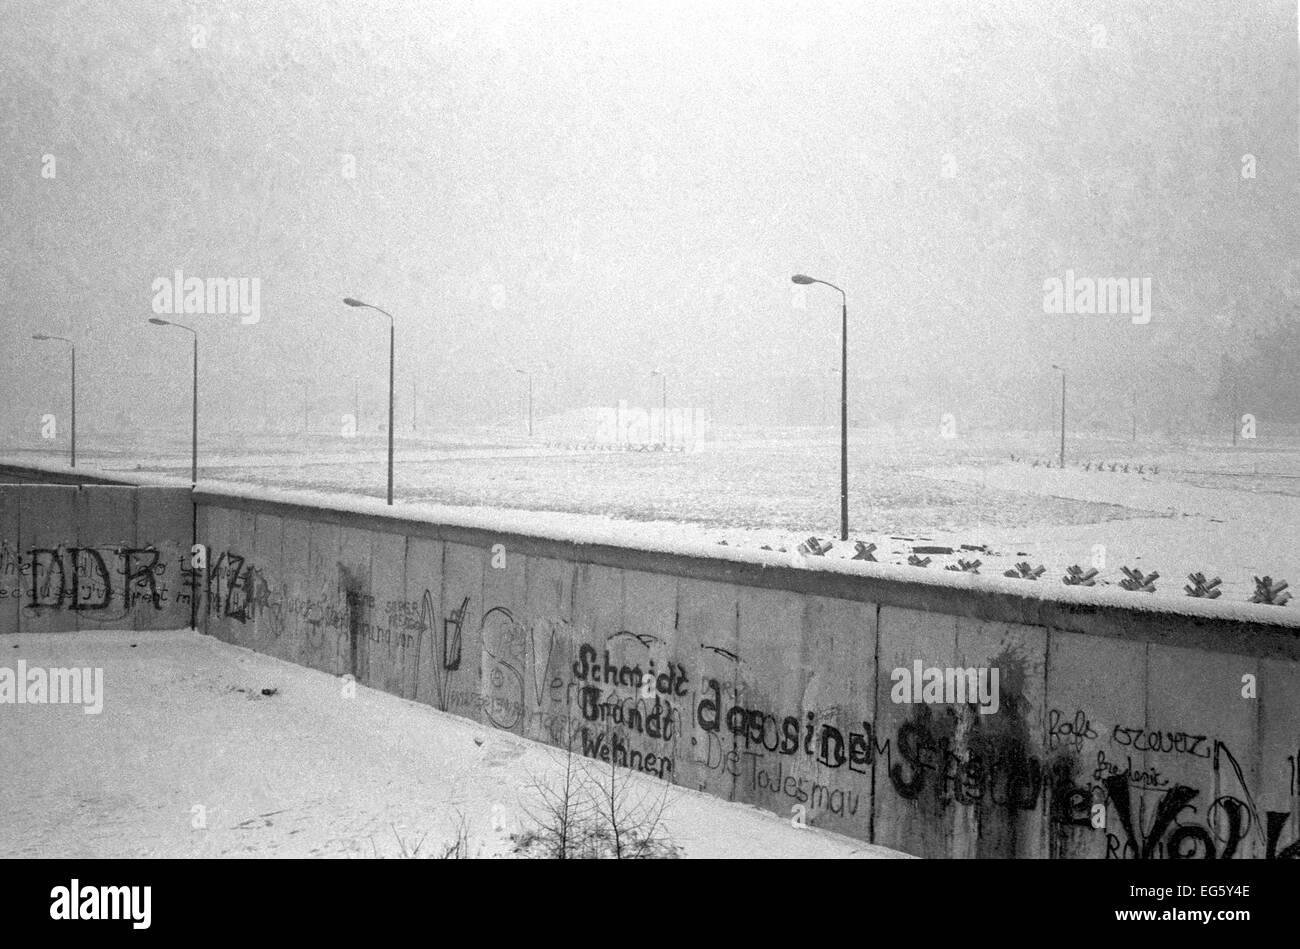 Die Berliner Mauer am Potsdamer Platz auf einem kalten, verschneiten Wintertag. Stockbild